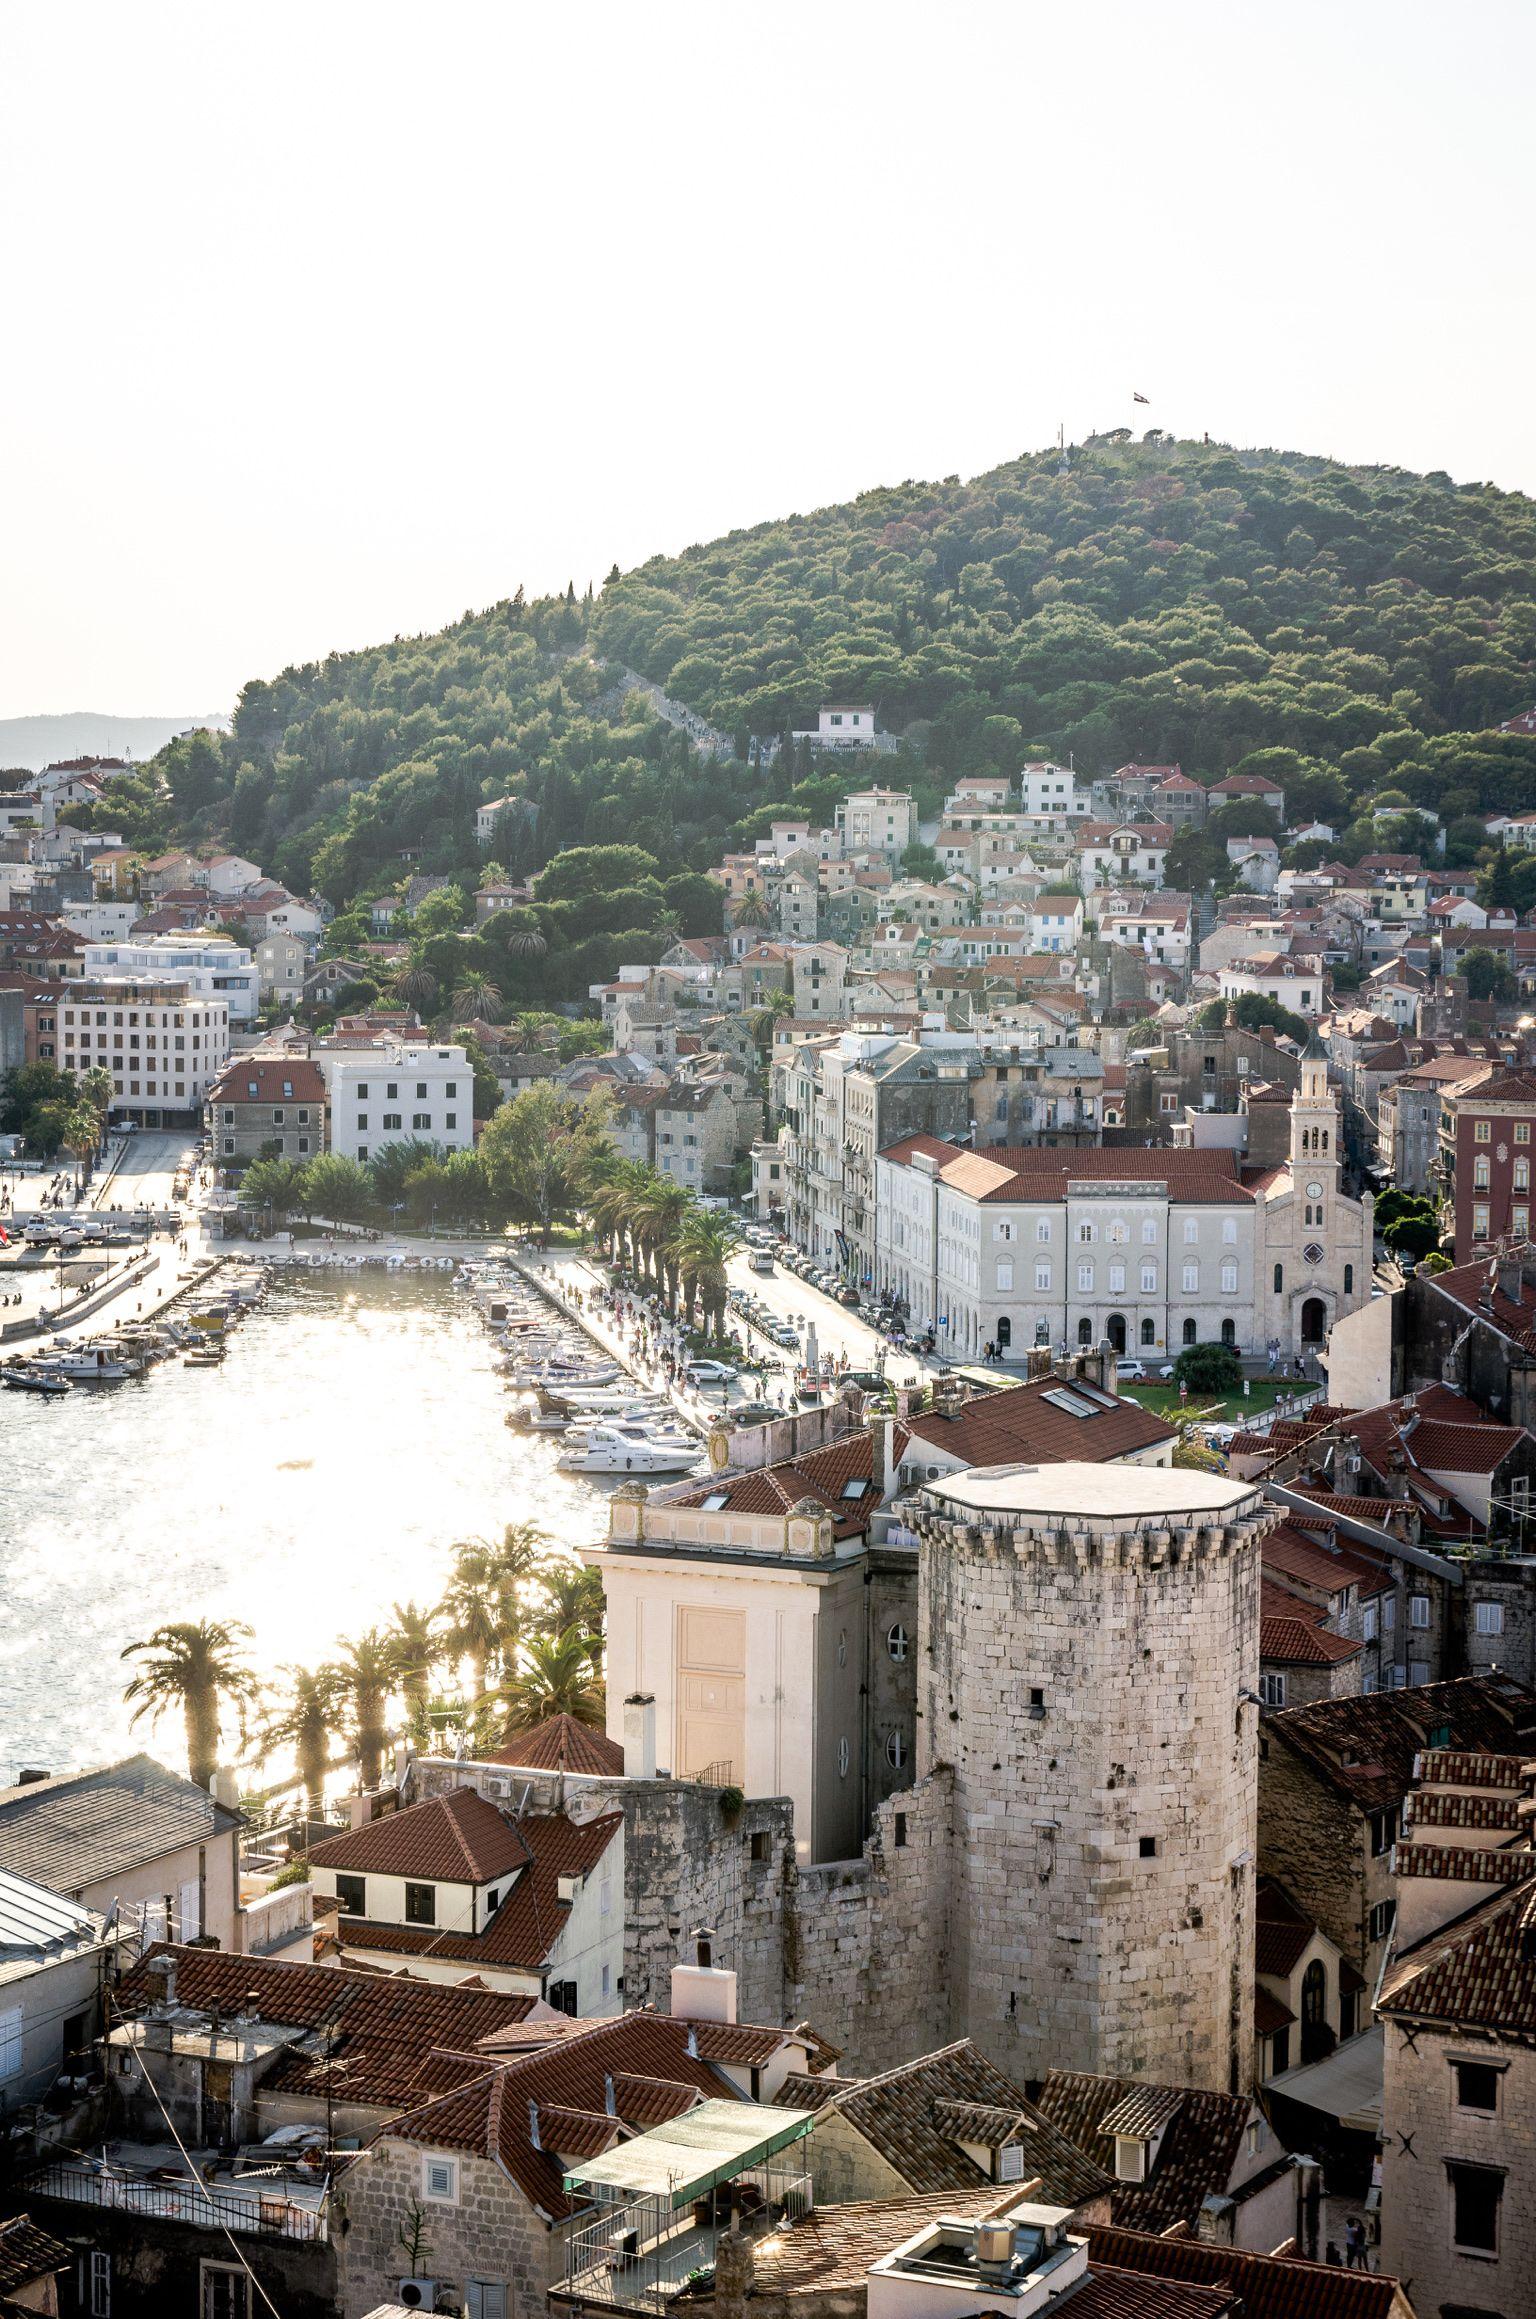 Epingle Par Prepare Ta Valise Sur Croatie Paysage France Croatie Beau Paysage